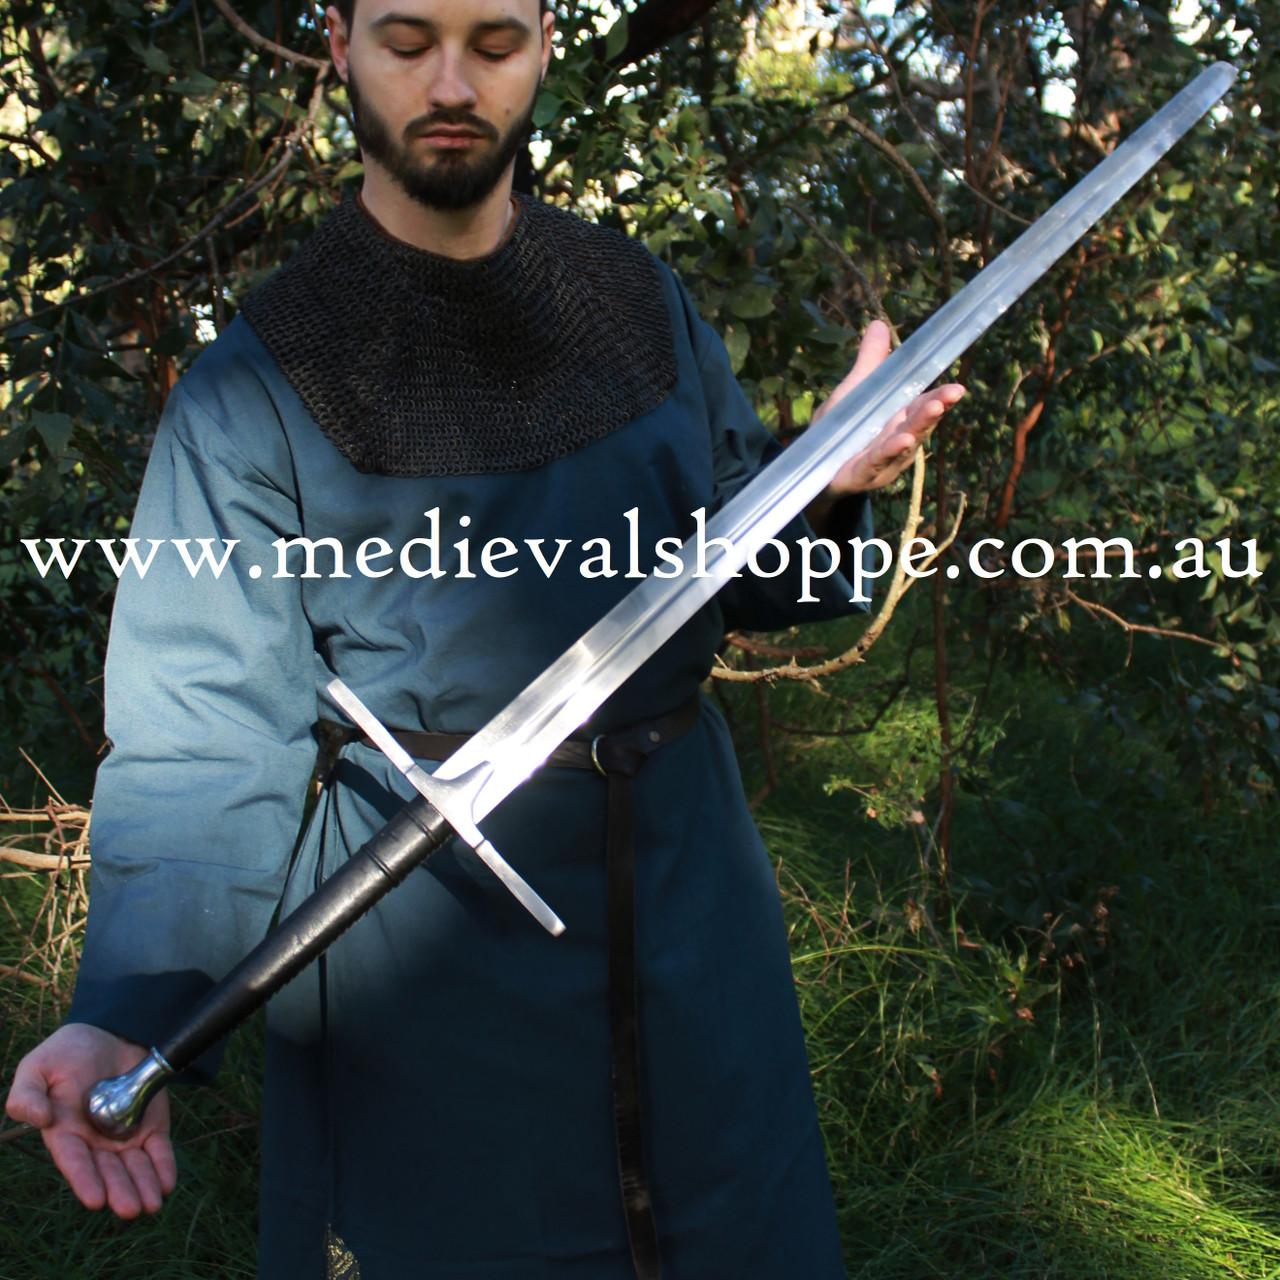 Two-hander Re-enactment Sword